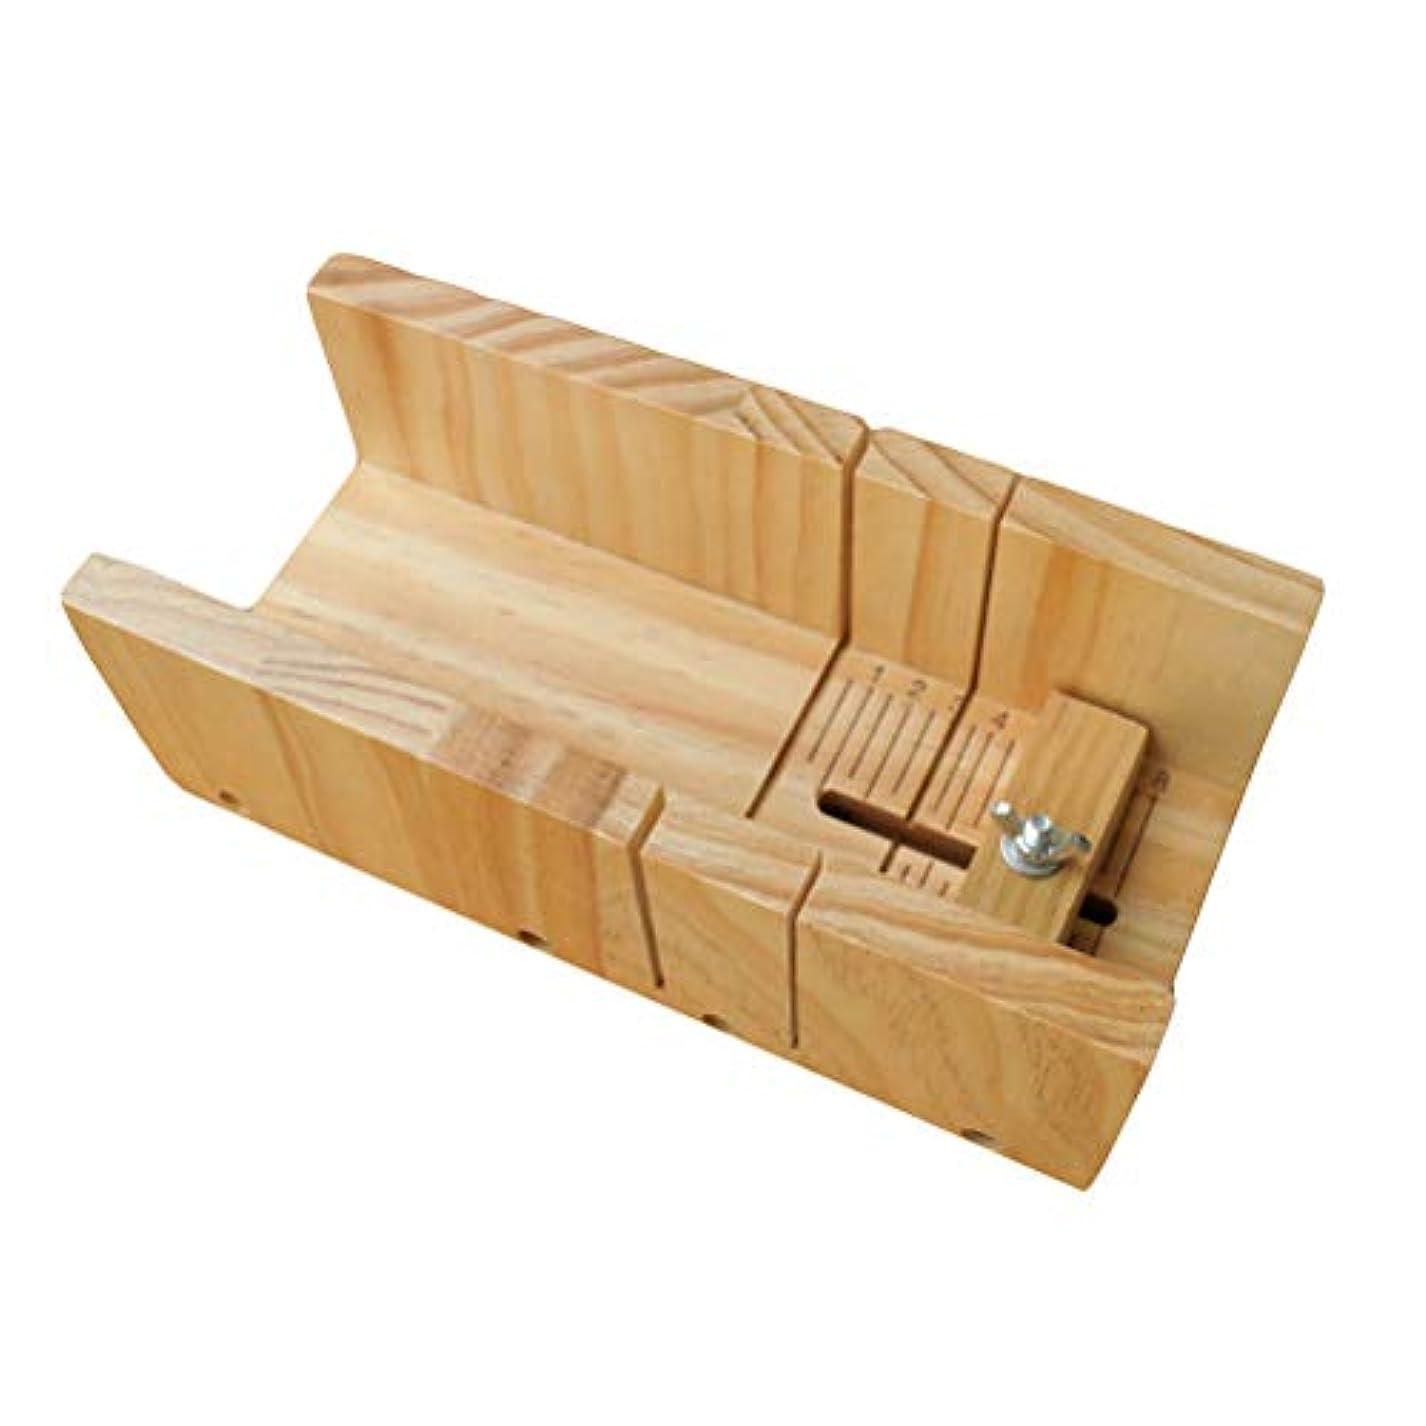 不安省略人工SUPVOX ウッドソープローフカッター金型調整可能カッター金型ボックスソープ作りツール(ウッドカラー)